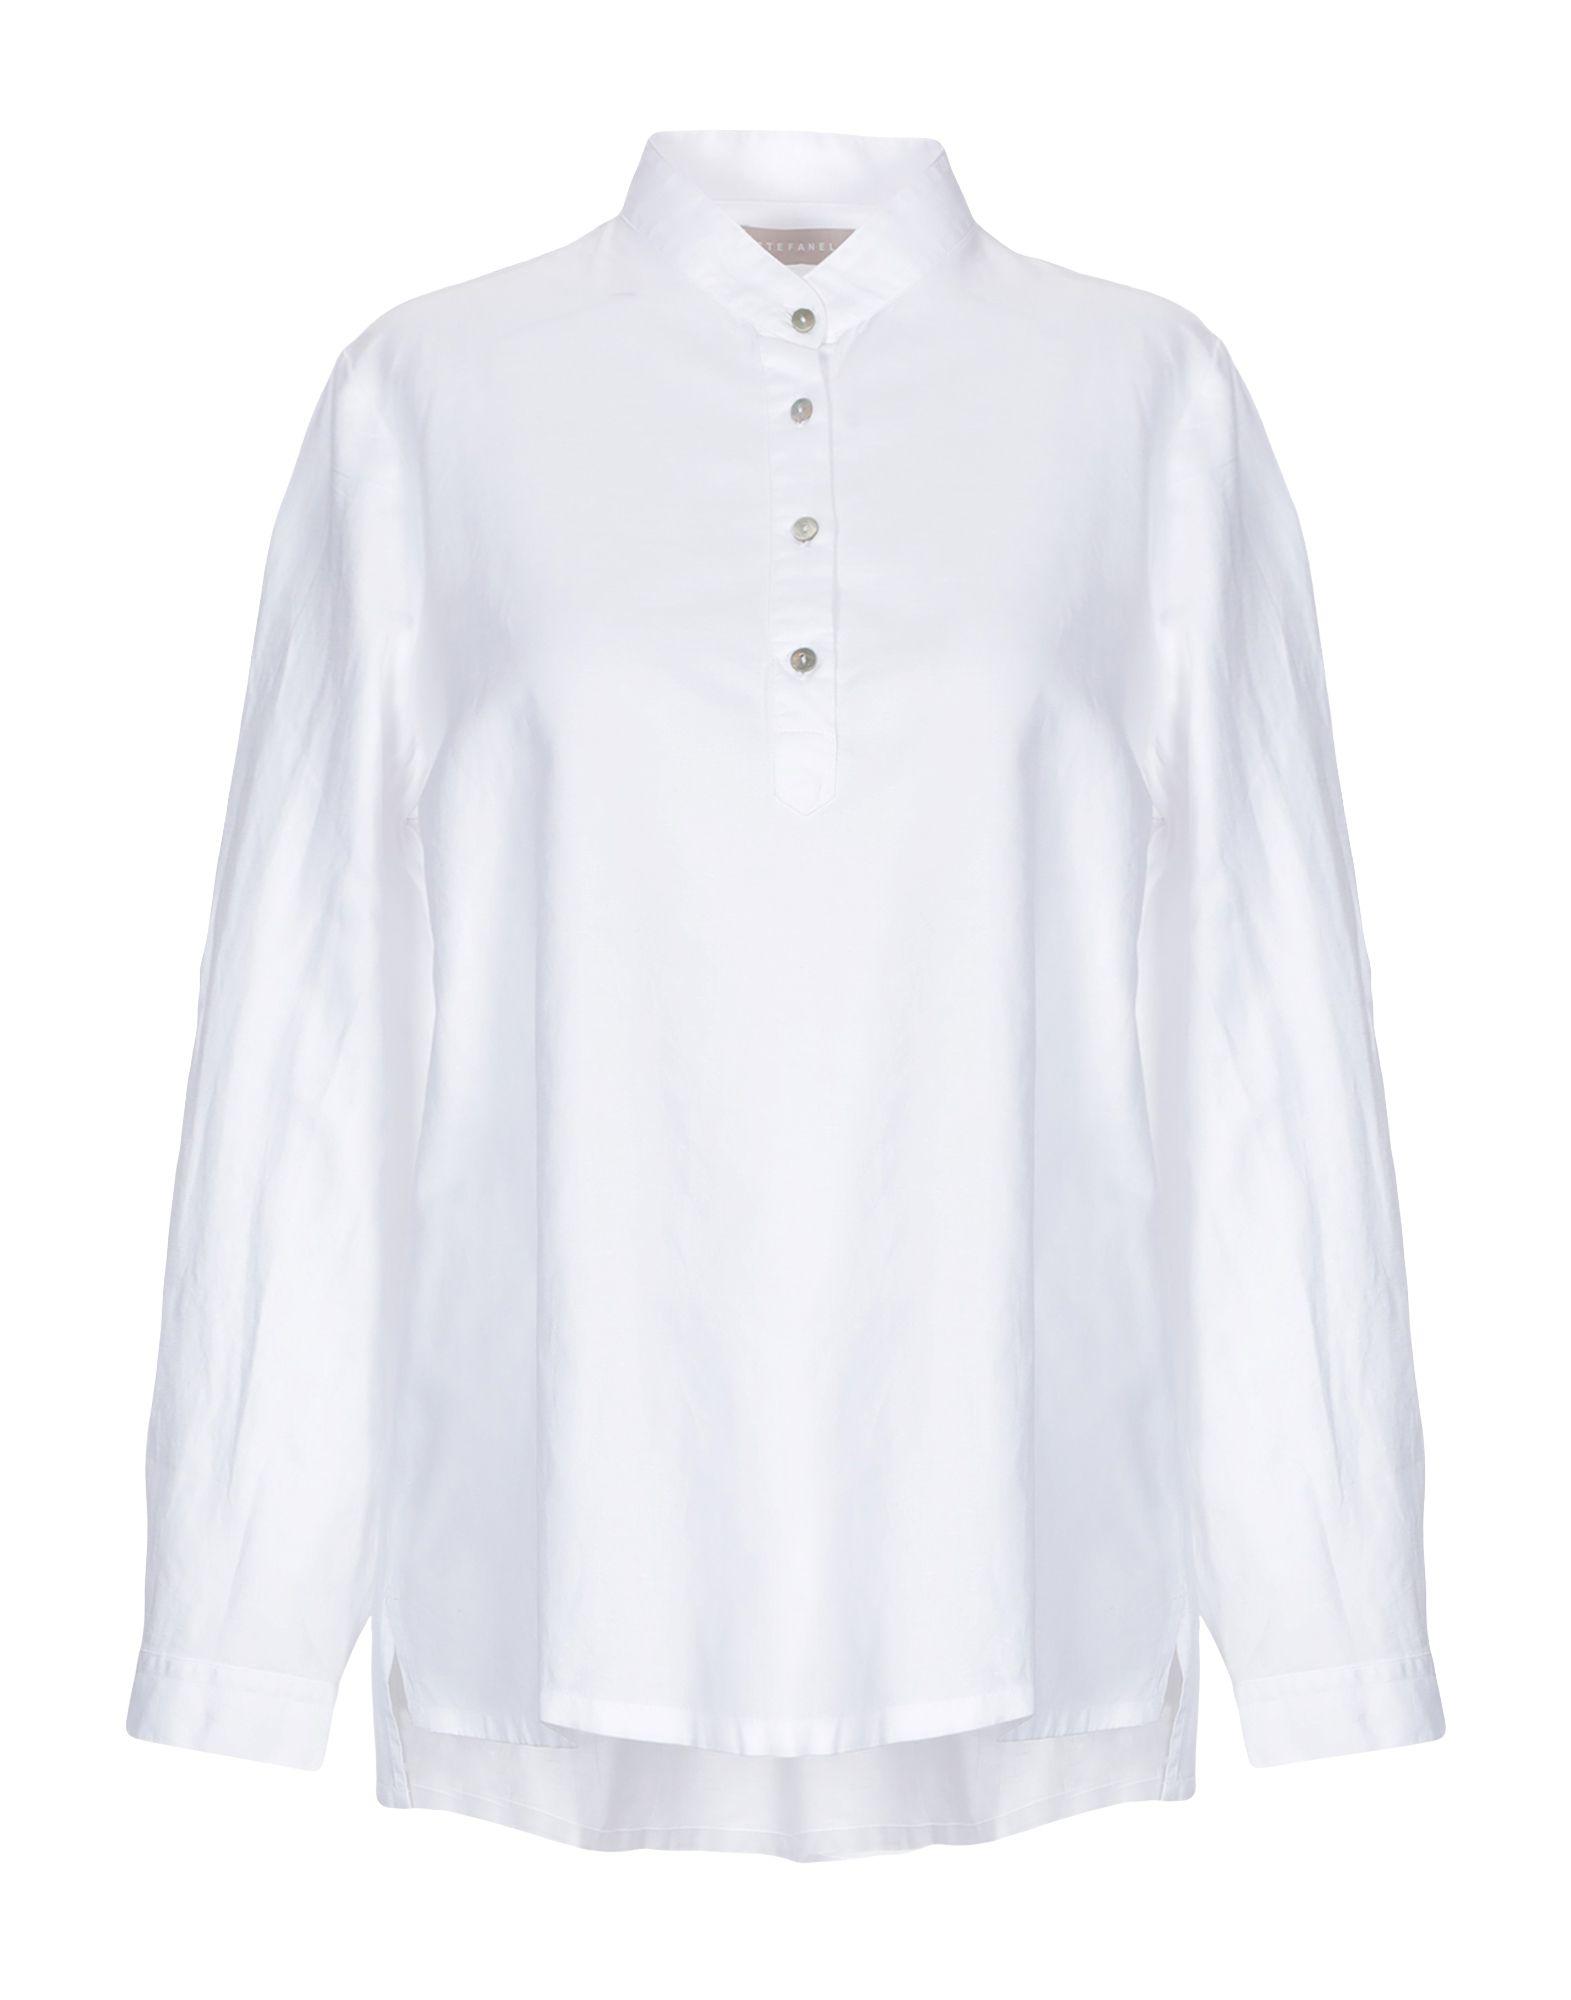 Cotone Cotone Camicia Camicia Donna Stefanel Camicia Donna Coreana Stefanel Coreana DYIW9EH2